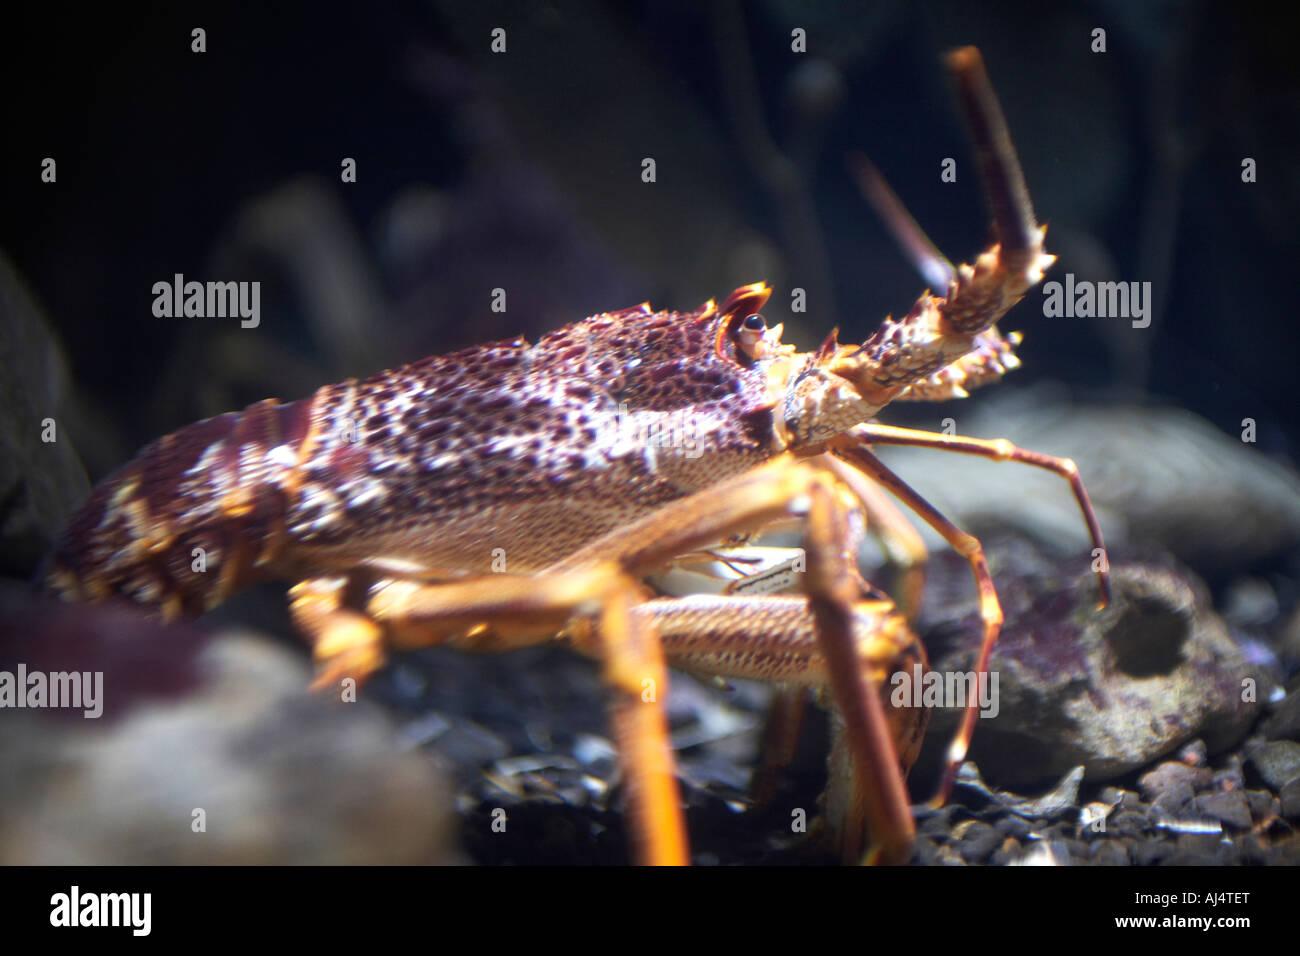 Lobster Underwater Lobster Underwa...